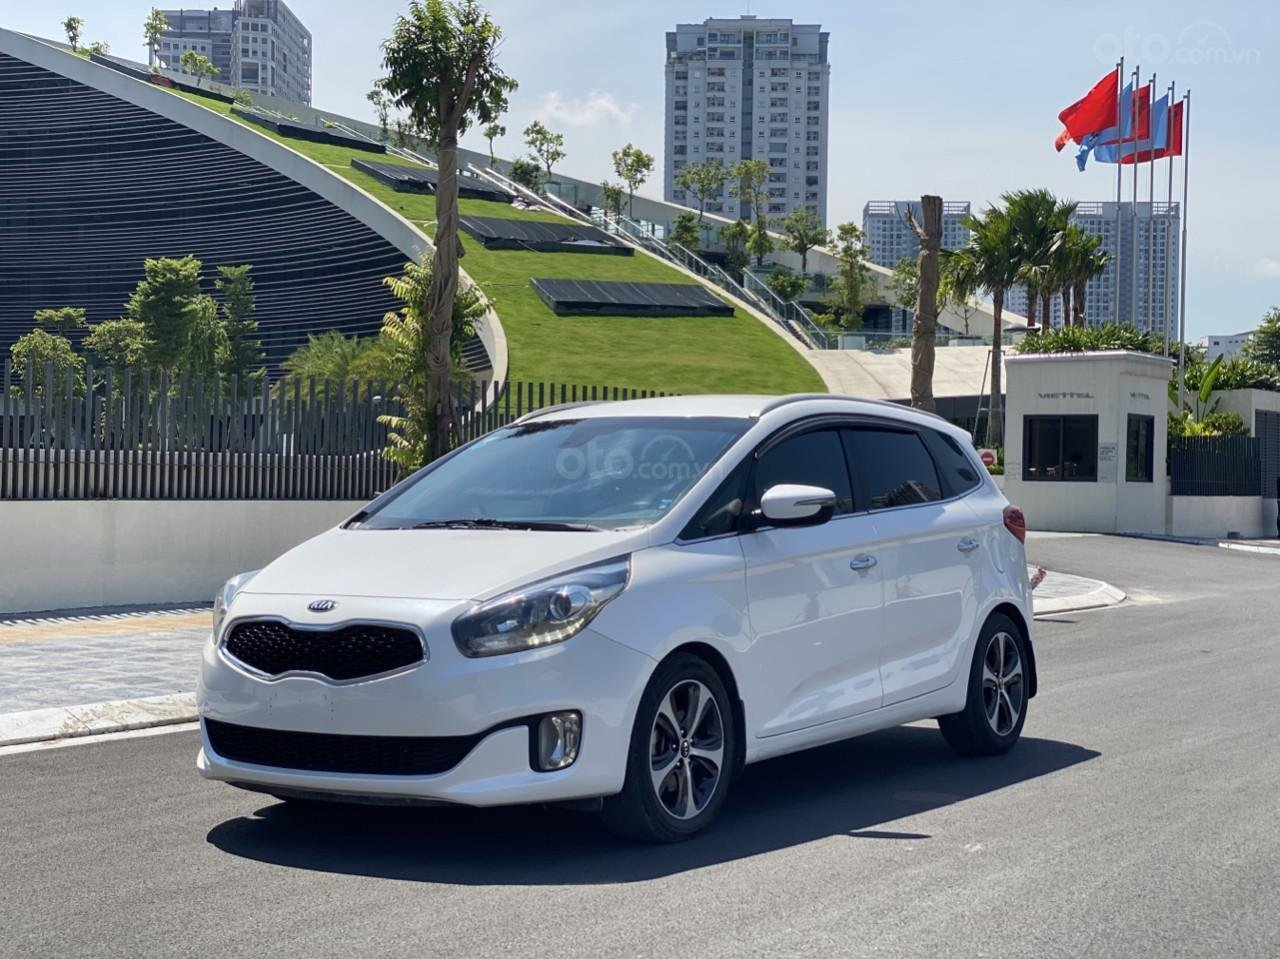 Cần bán xe  Kia Rondo SX 2016, màu trắng, nội thất đen, máy dầu (2)